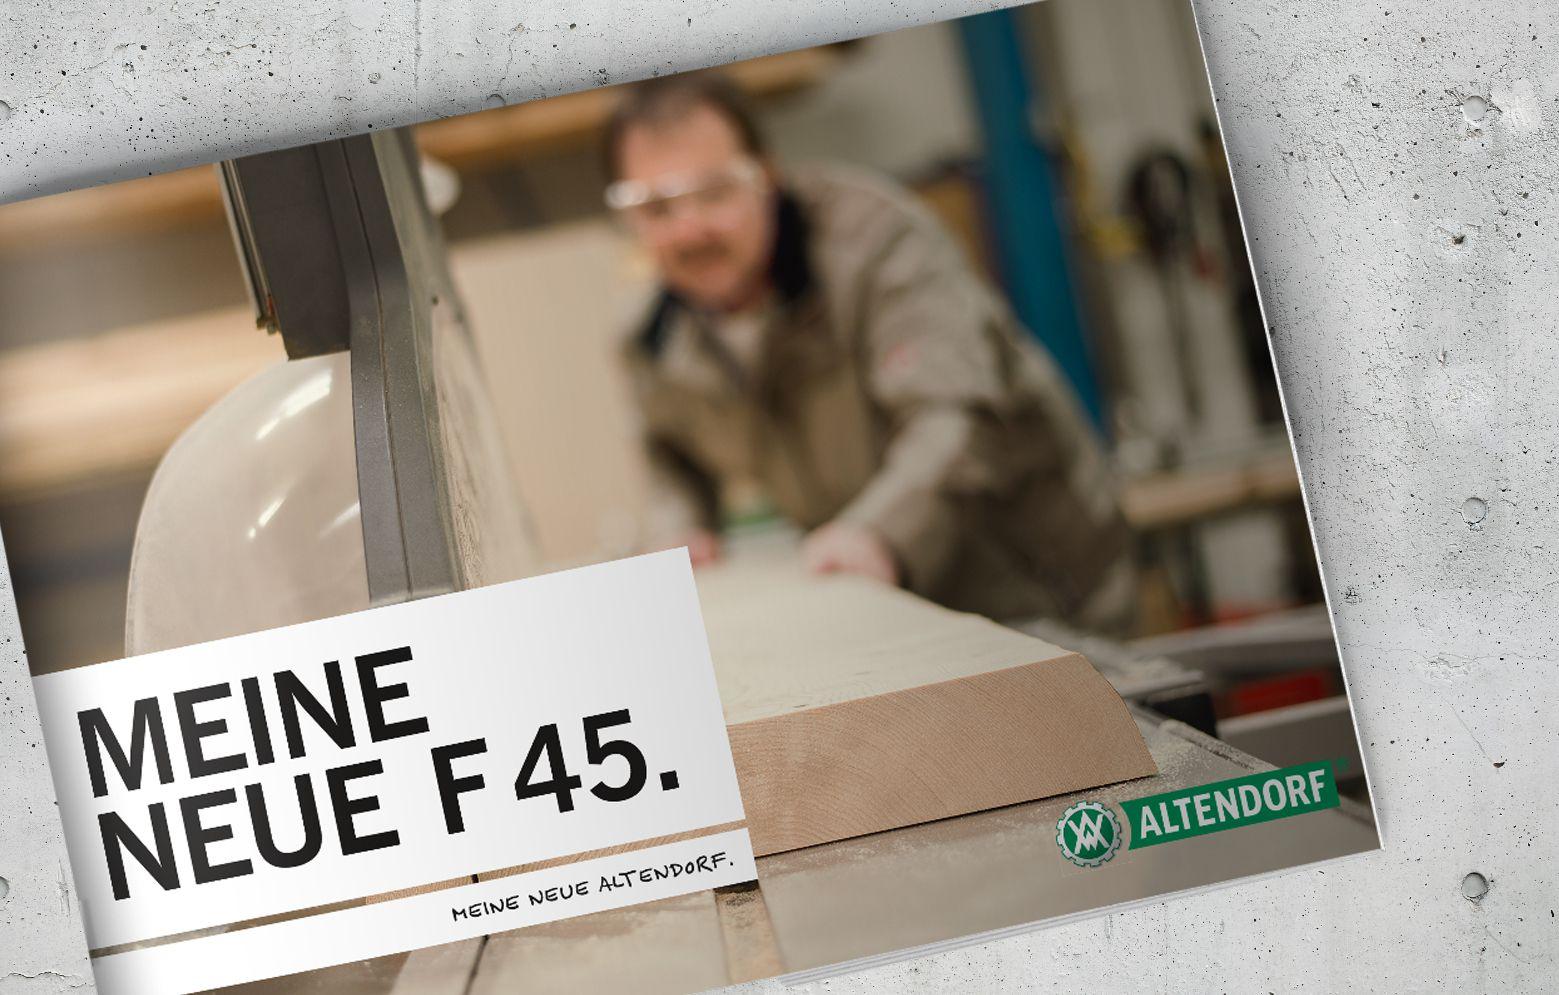 Die neue Imagebroschüre von Altendorf der F 45